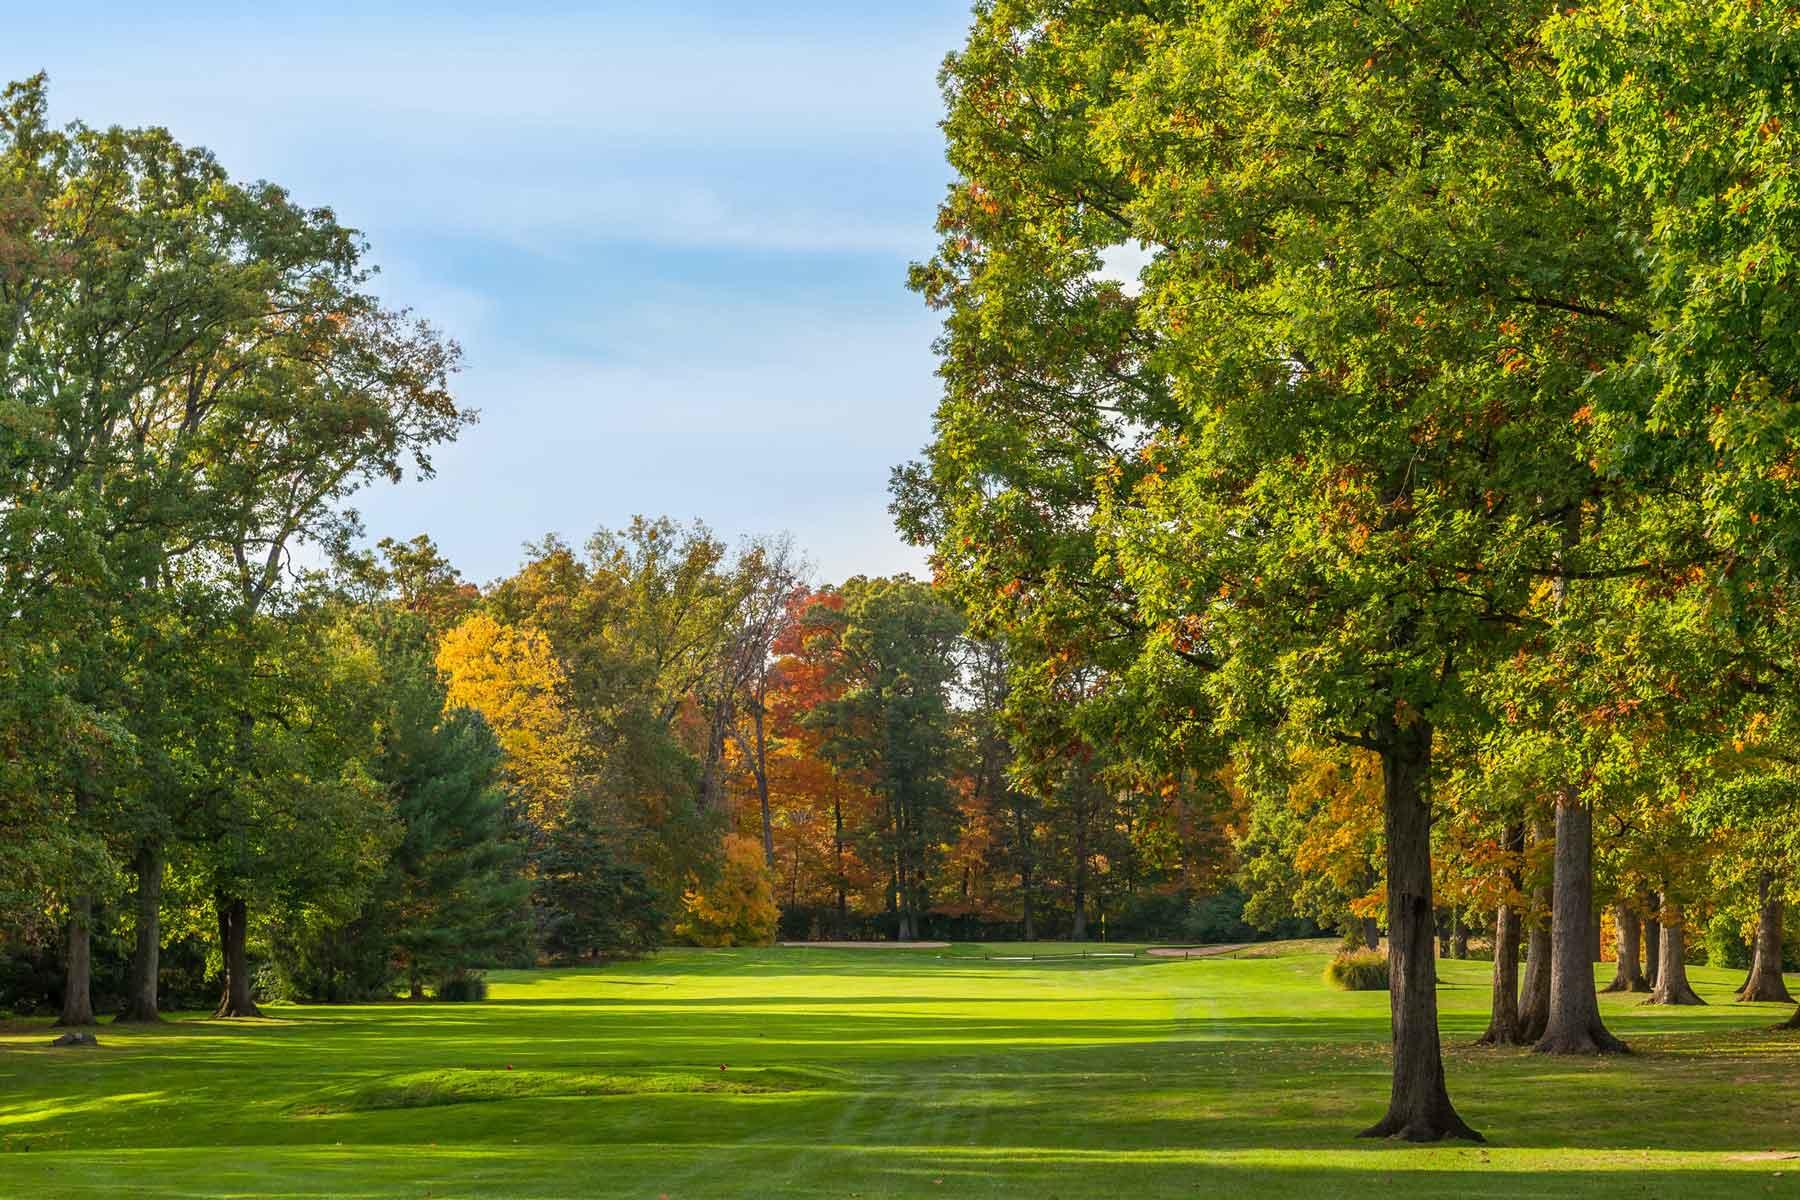 golf hole tee view